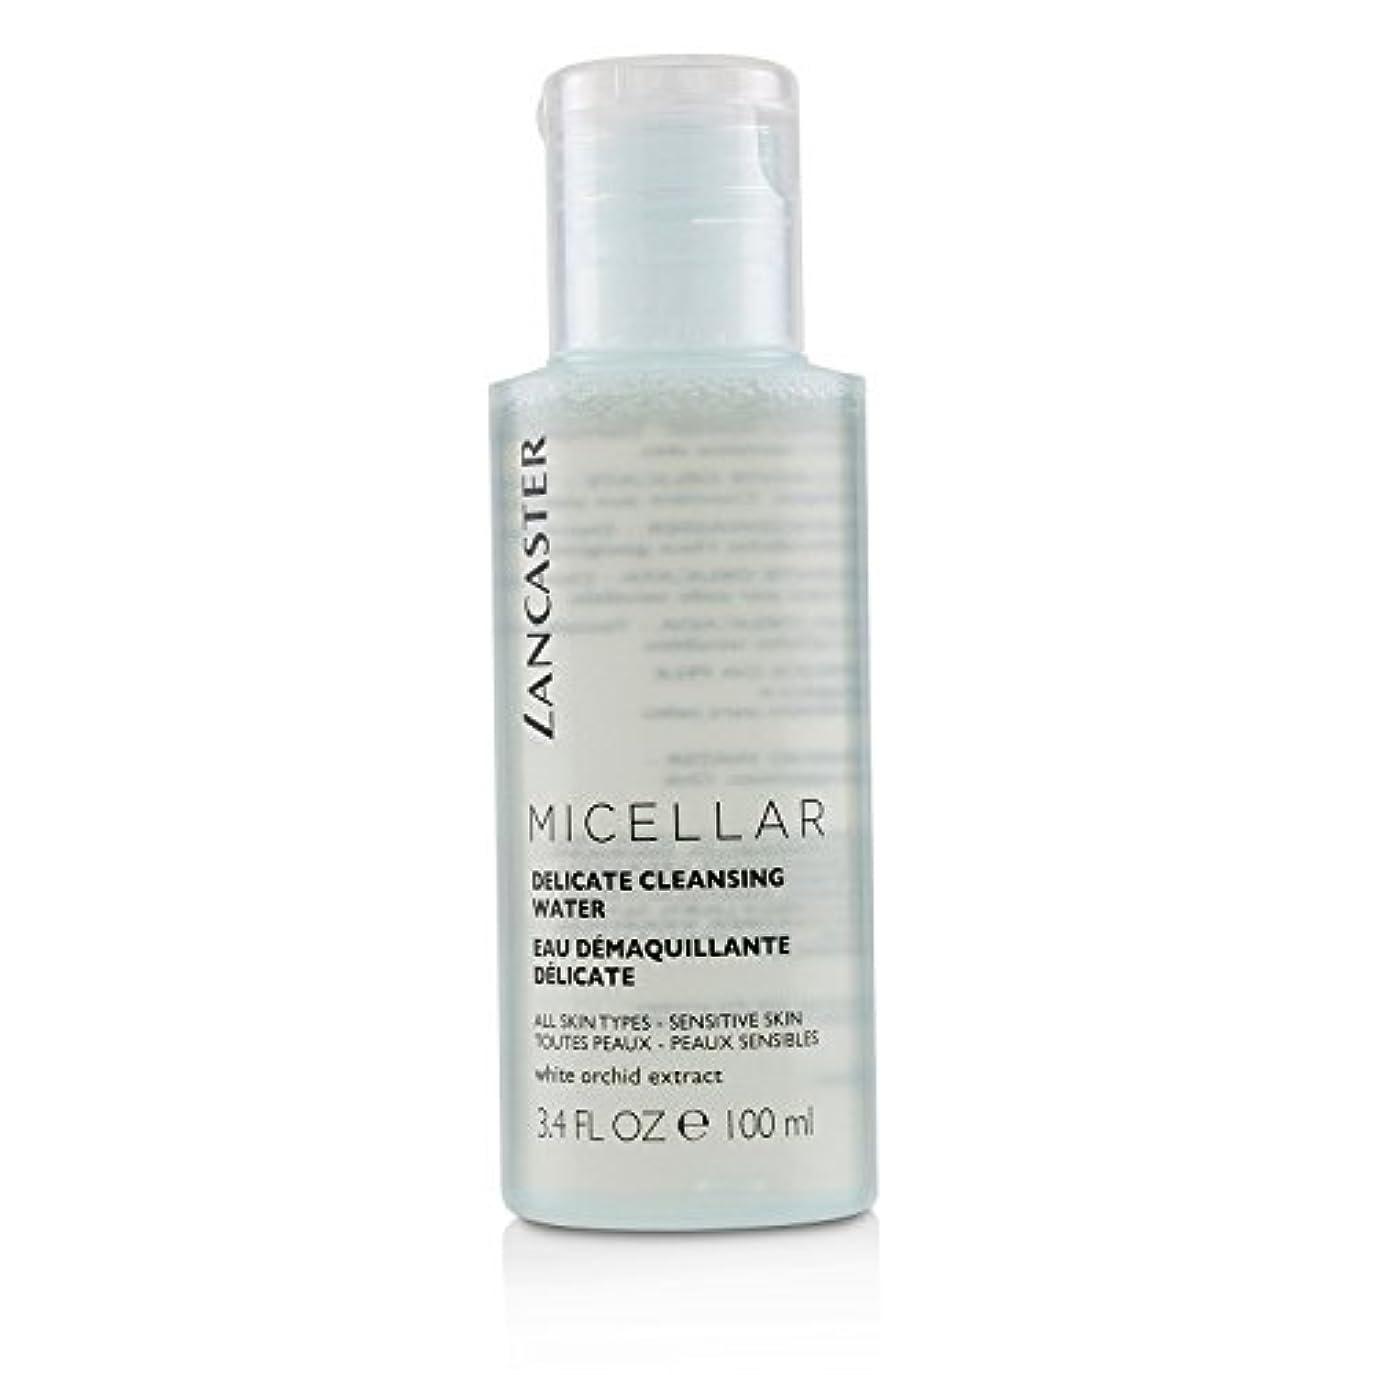 ランカスター Micellar Delicate Cleansing Water - All Skin Types, Including Sensitive Skin 100ml/3.4oz並行輸入品